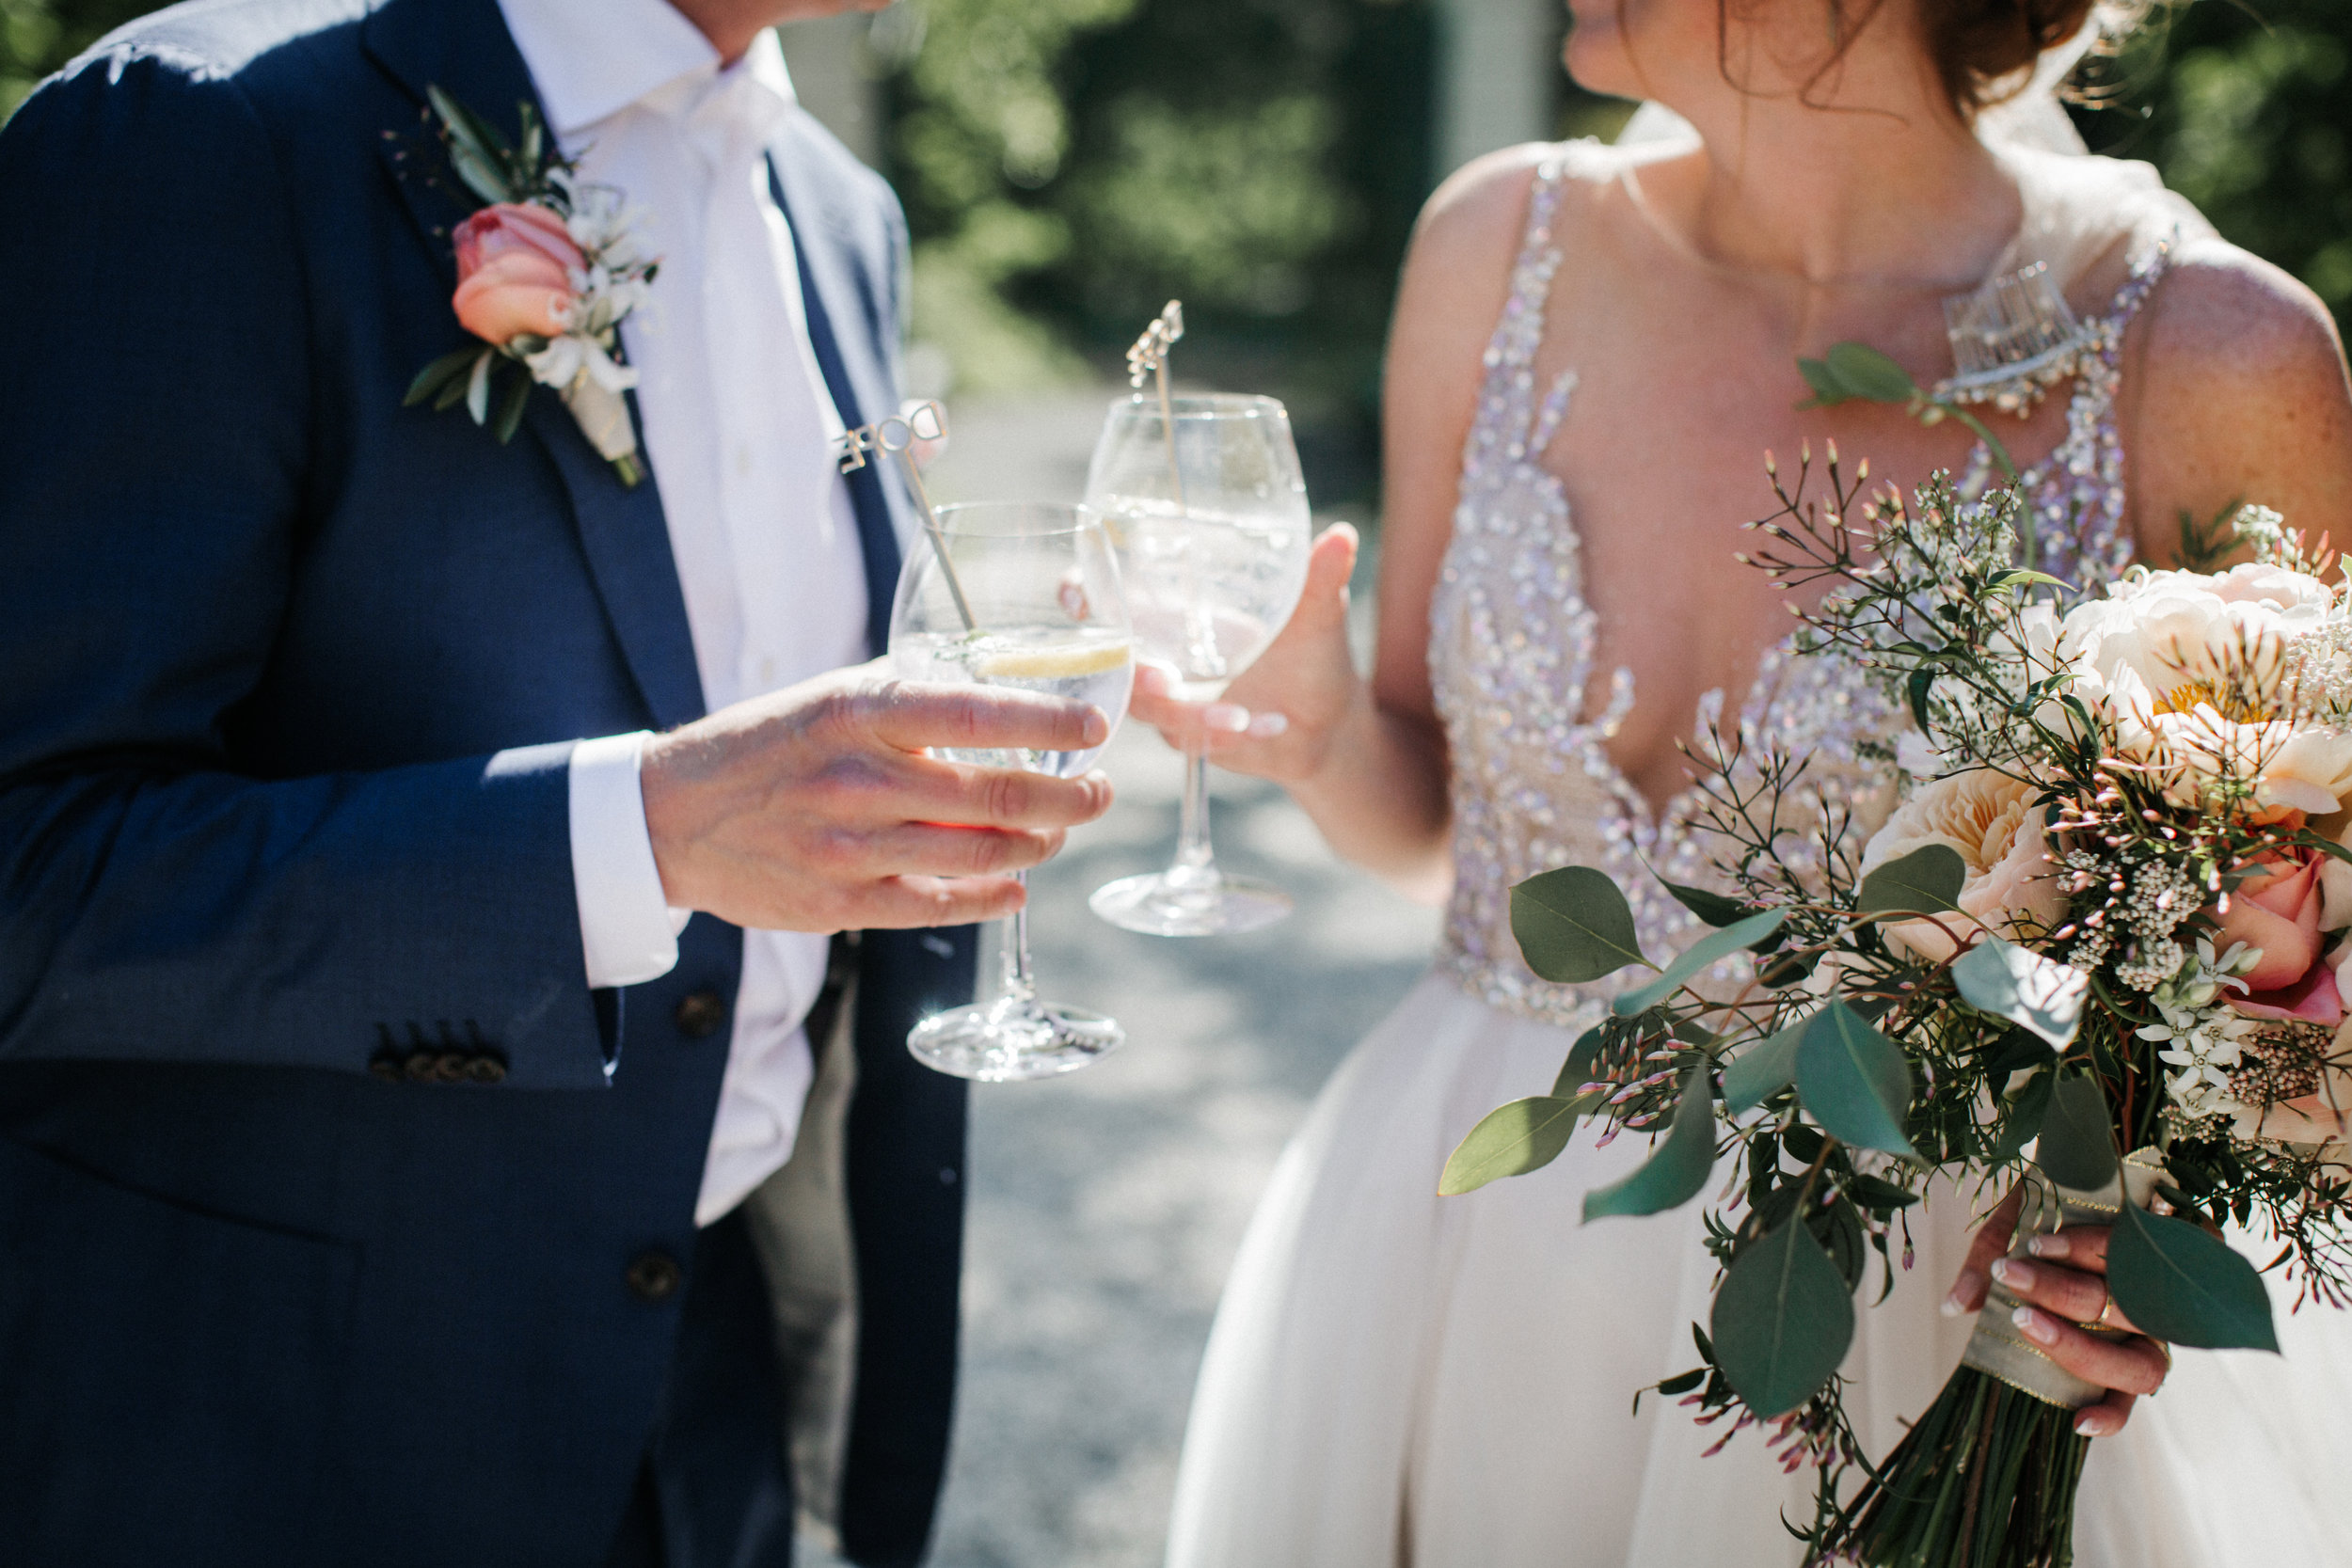 #apbloem #florist #kerkstraat #amsterdam #flowers #bloemen #bloemist #flowers #bouquet #boeket #arrangement #photoshoot #peony #bruiloft #trouwen #bloemenbezorgen #wedding #love #liefde #event #evenement #garden #tuin #bridalgown #blackandwhite #bruidsjurk #justmarried #bridalcouple #weddingflowers #weddingphotography #weddinginspiration #pastel #proost